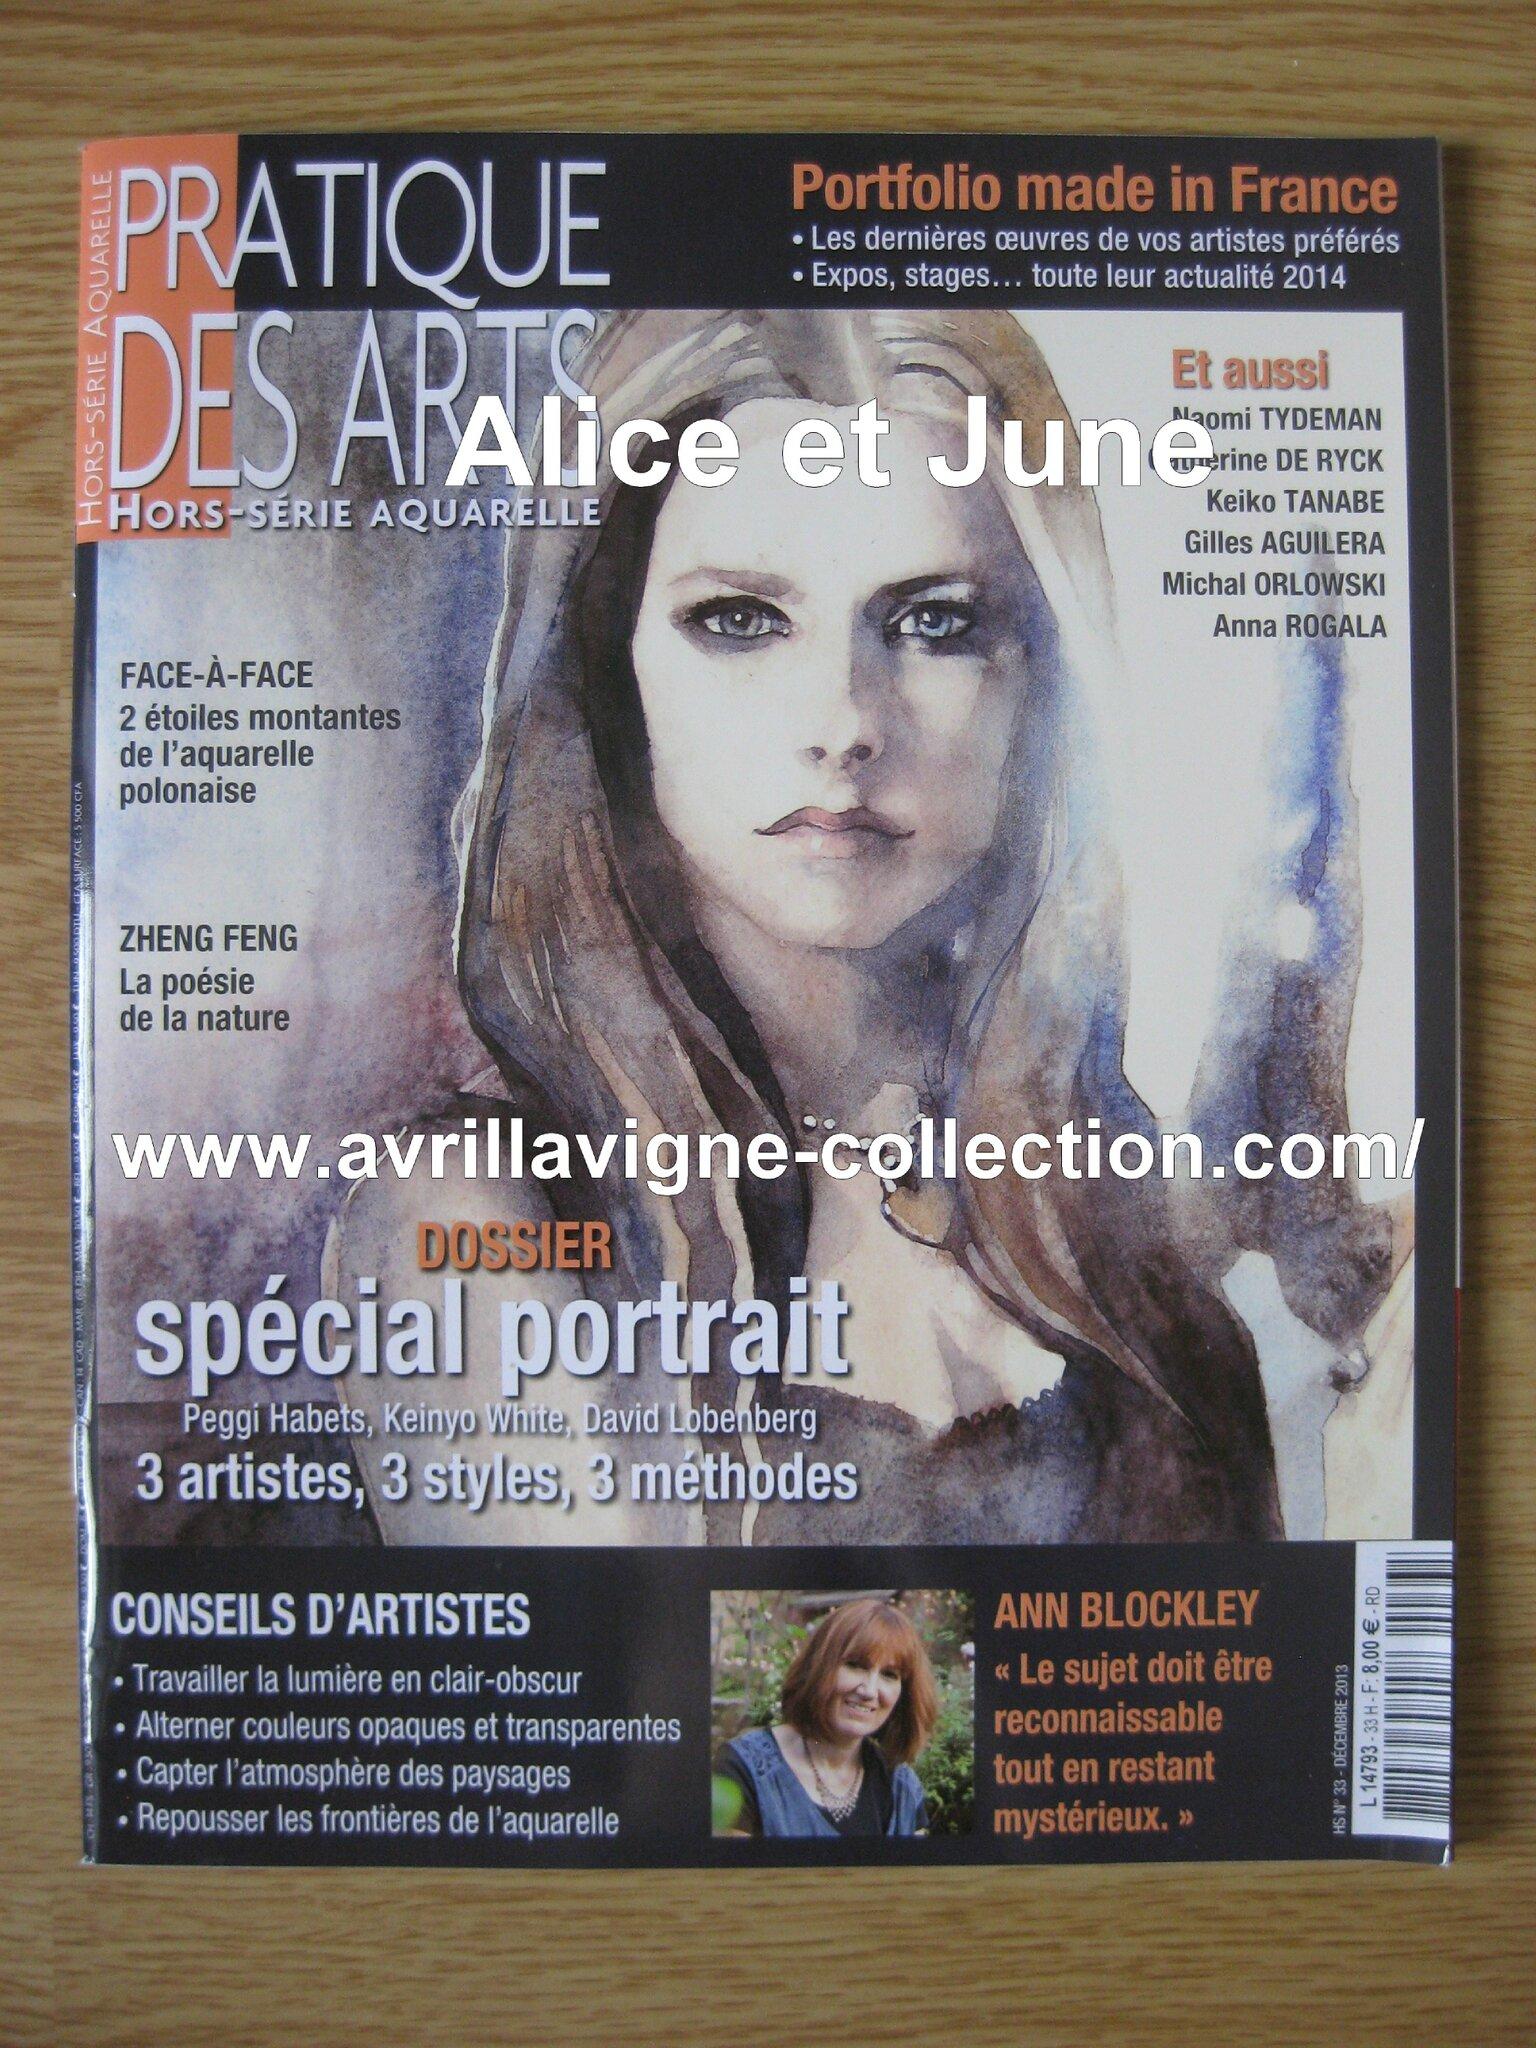 Pratique des arts magazine-aquarelle Avril Lavigne (décembre 2013)